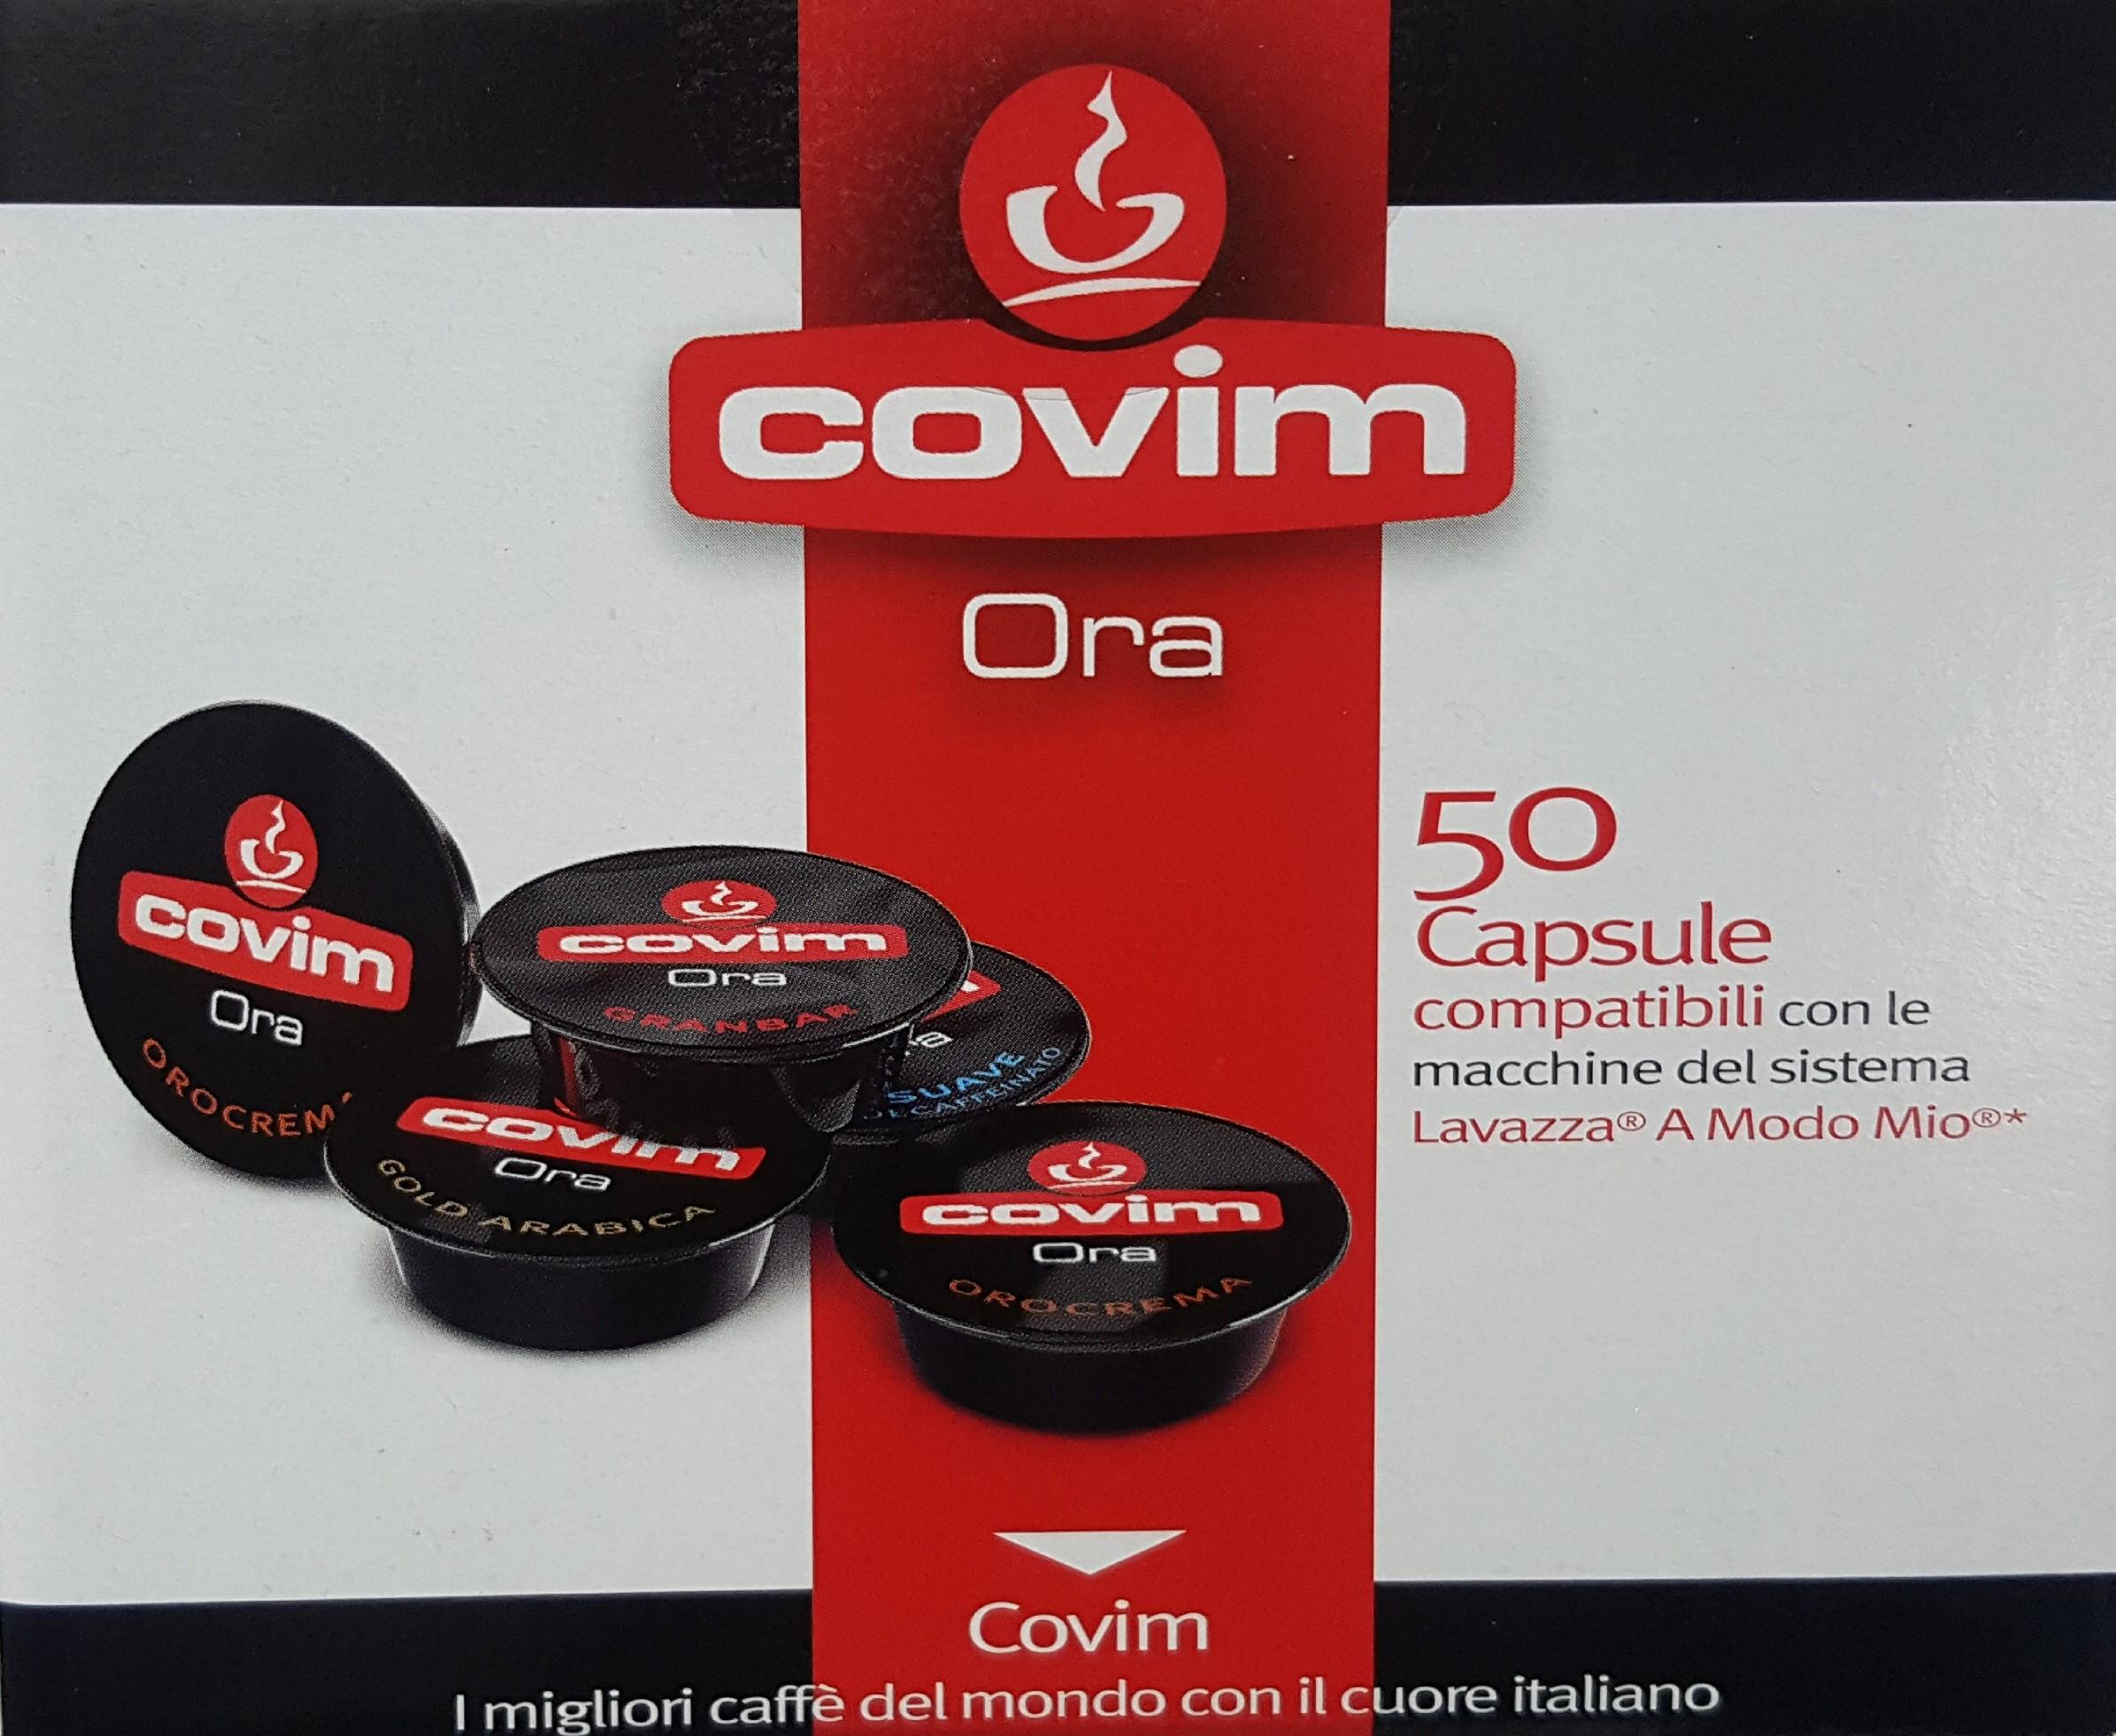 50 Capsule Covim Ora Orocrema Compatibili Lavazza a Modo Mio